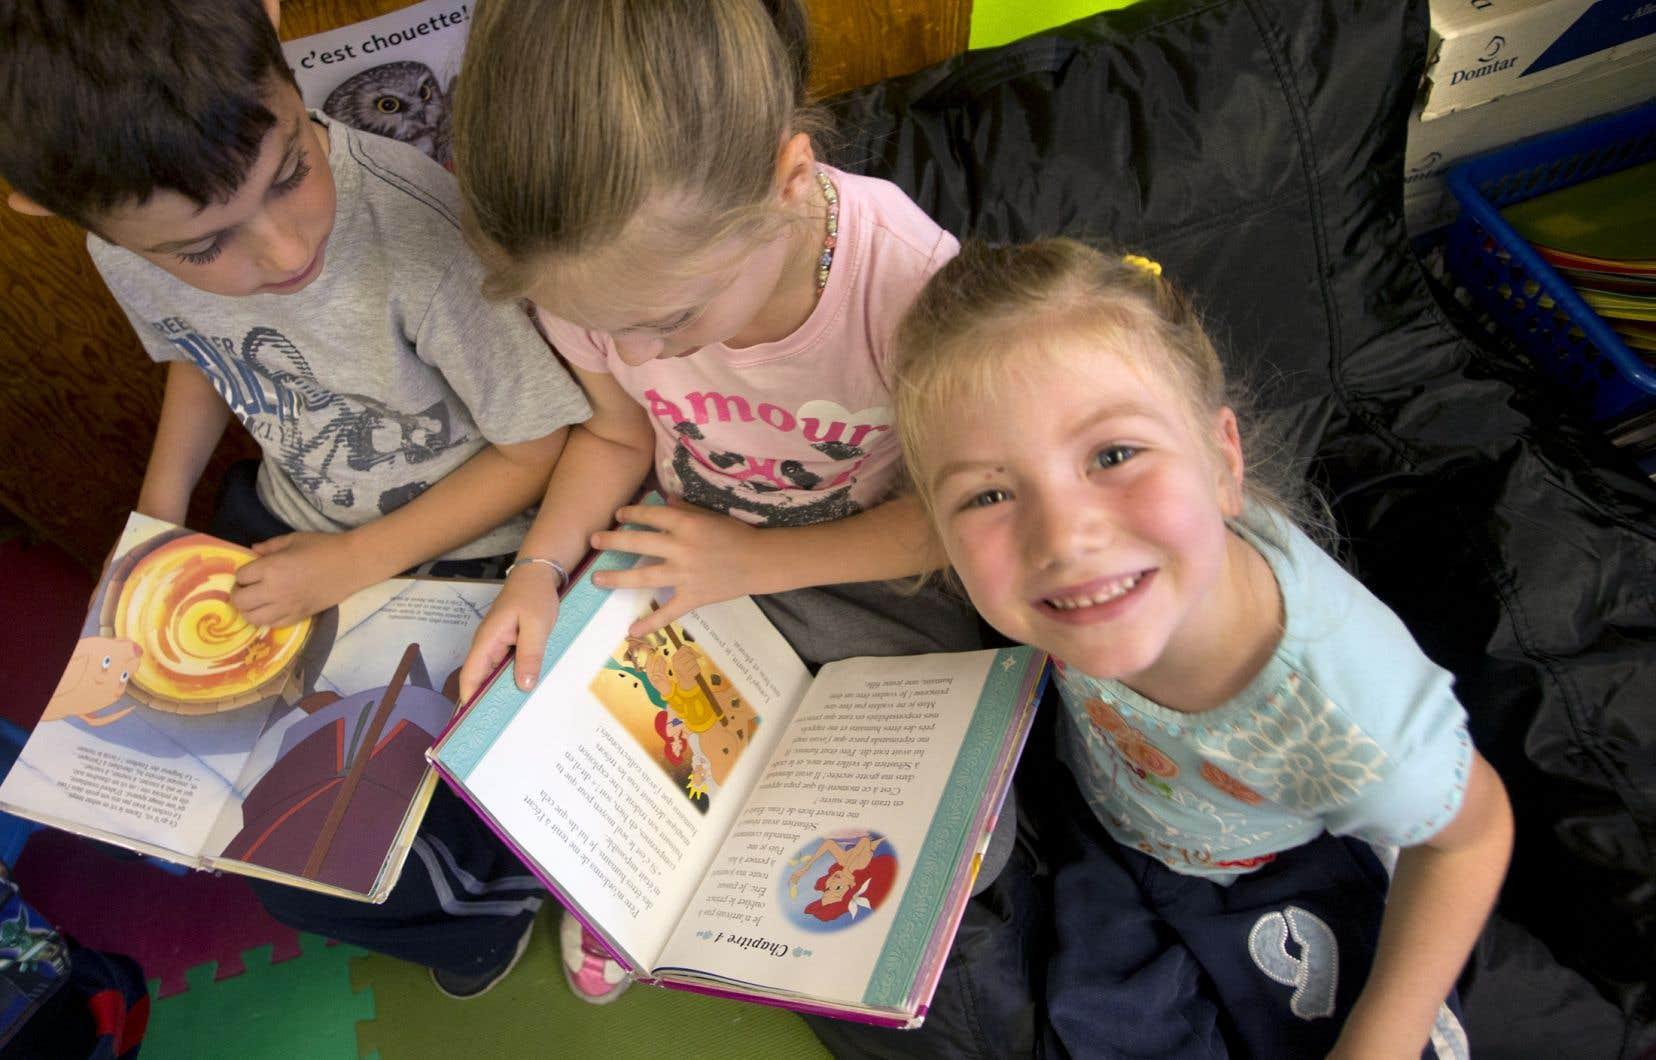 L'accessibilité à la littérature, ce n'est pas juste acheter des livres C'est aussi offrir aux élèves et aux enseignants des bibliothèques scolaires pédagogiques qui répondent à de hauts critères de performance, estiment les auteures.